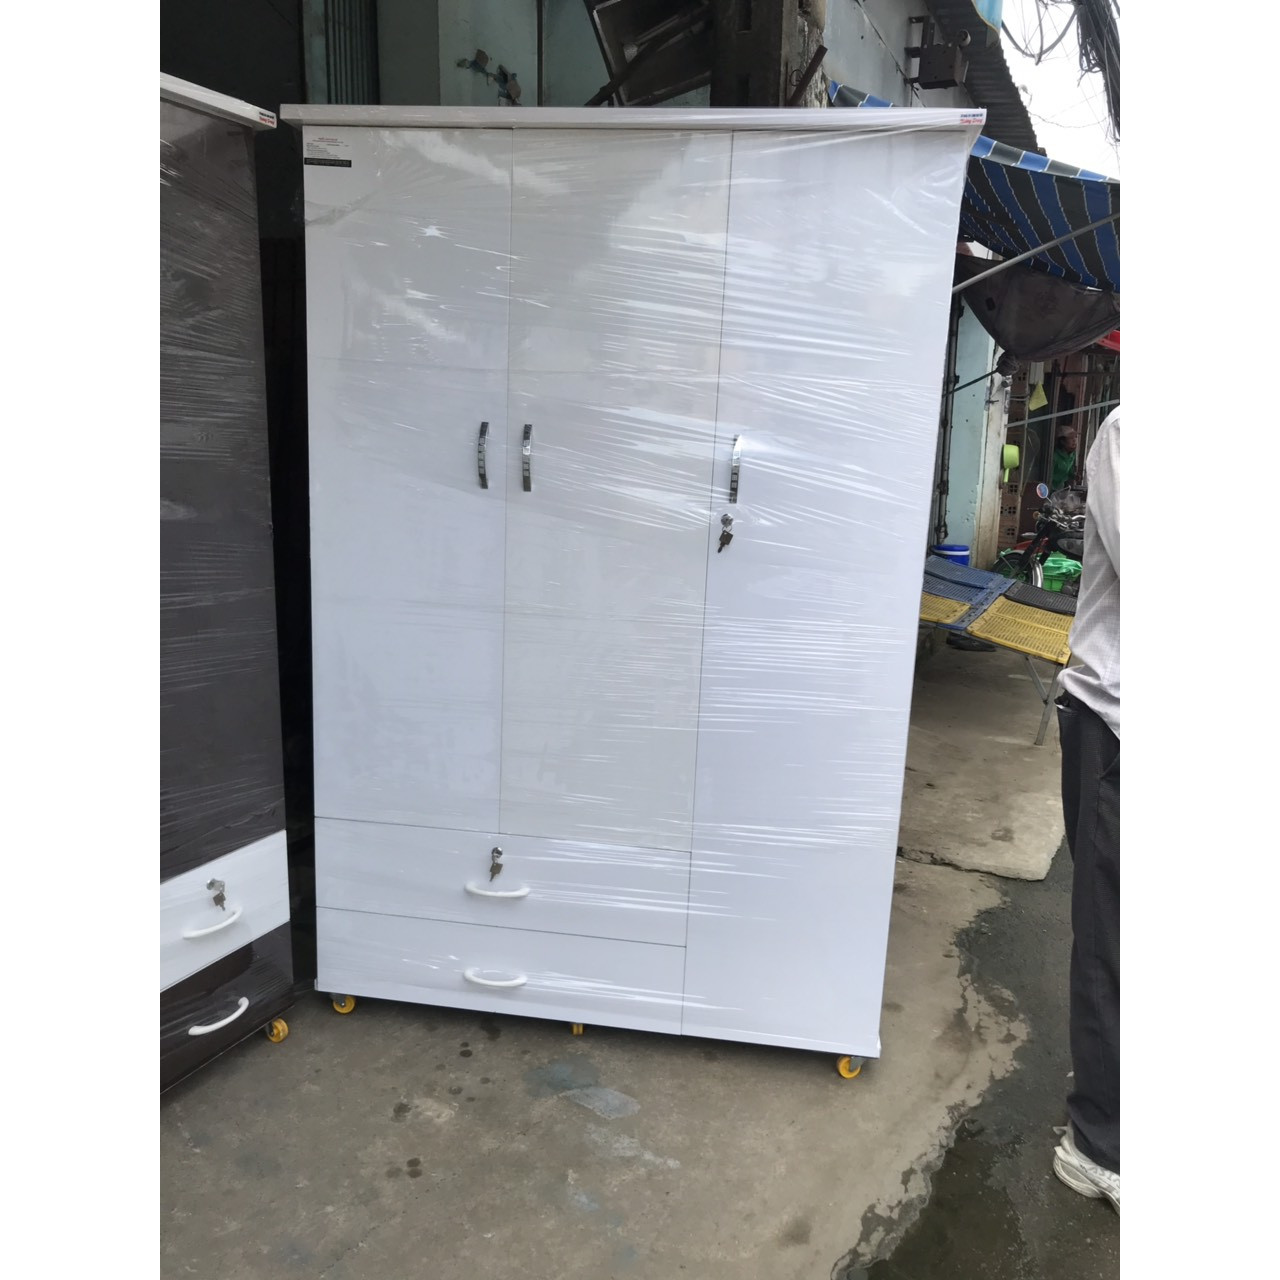 Tủ quần áo bằng nhựa đài loan 1m85 x1m25x48cm  - trắng